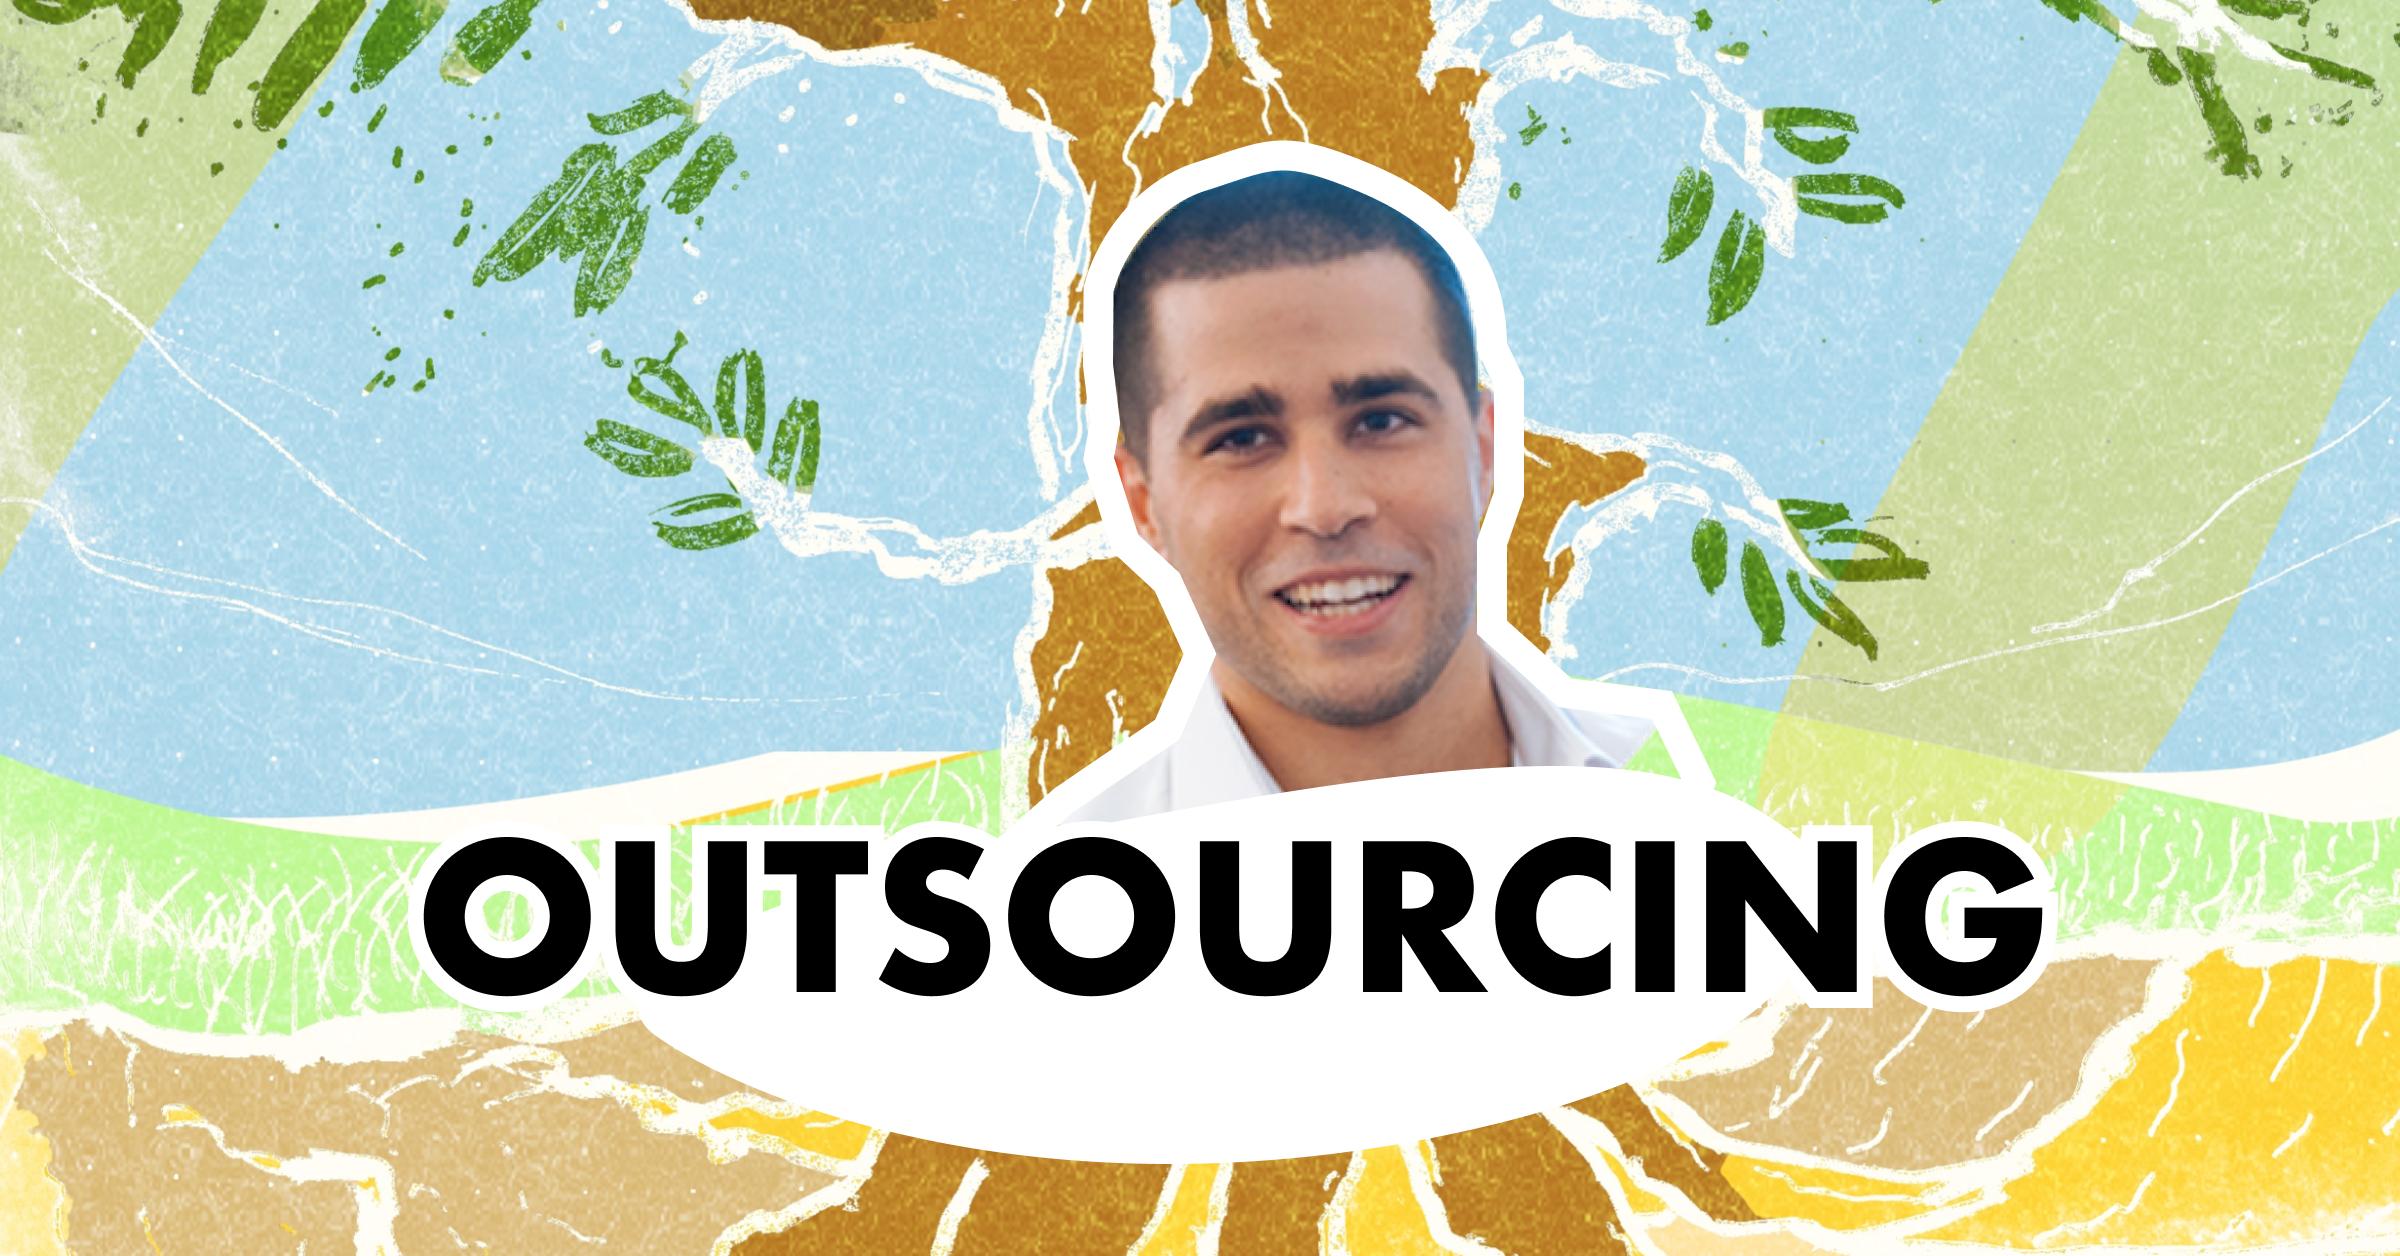 Tribu raphael outsourcing